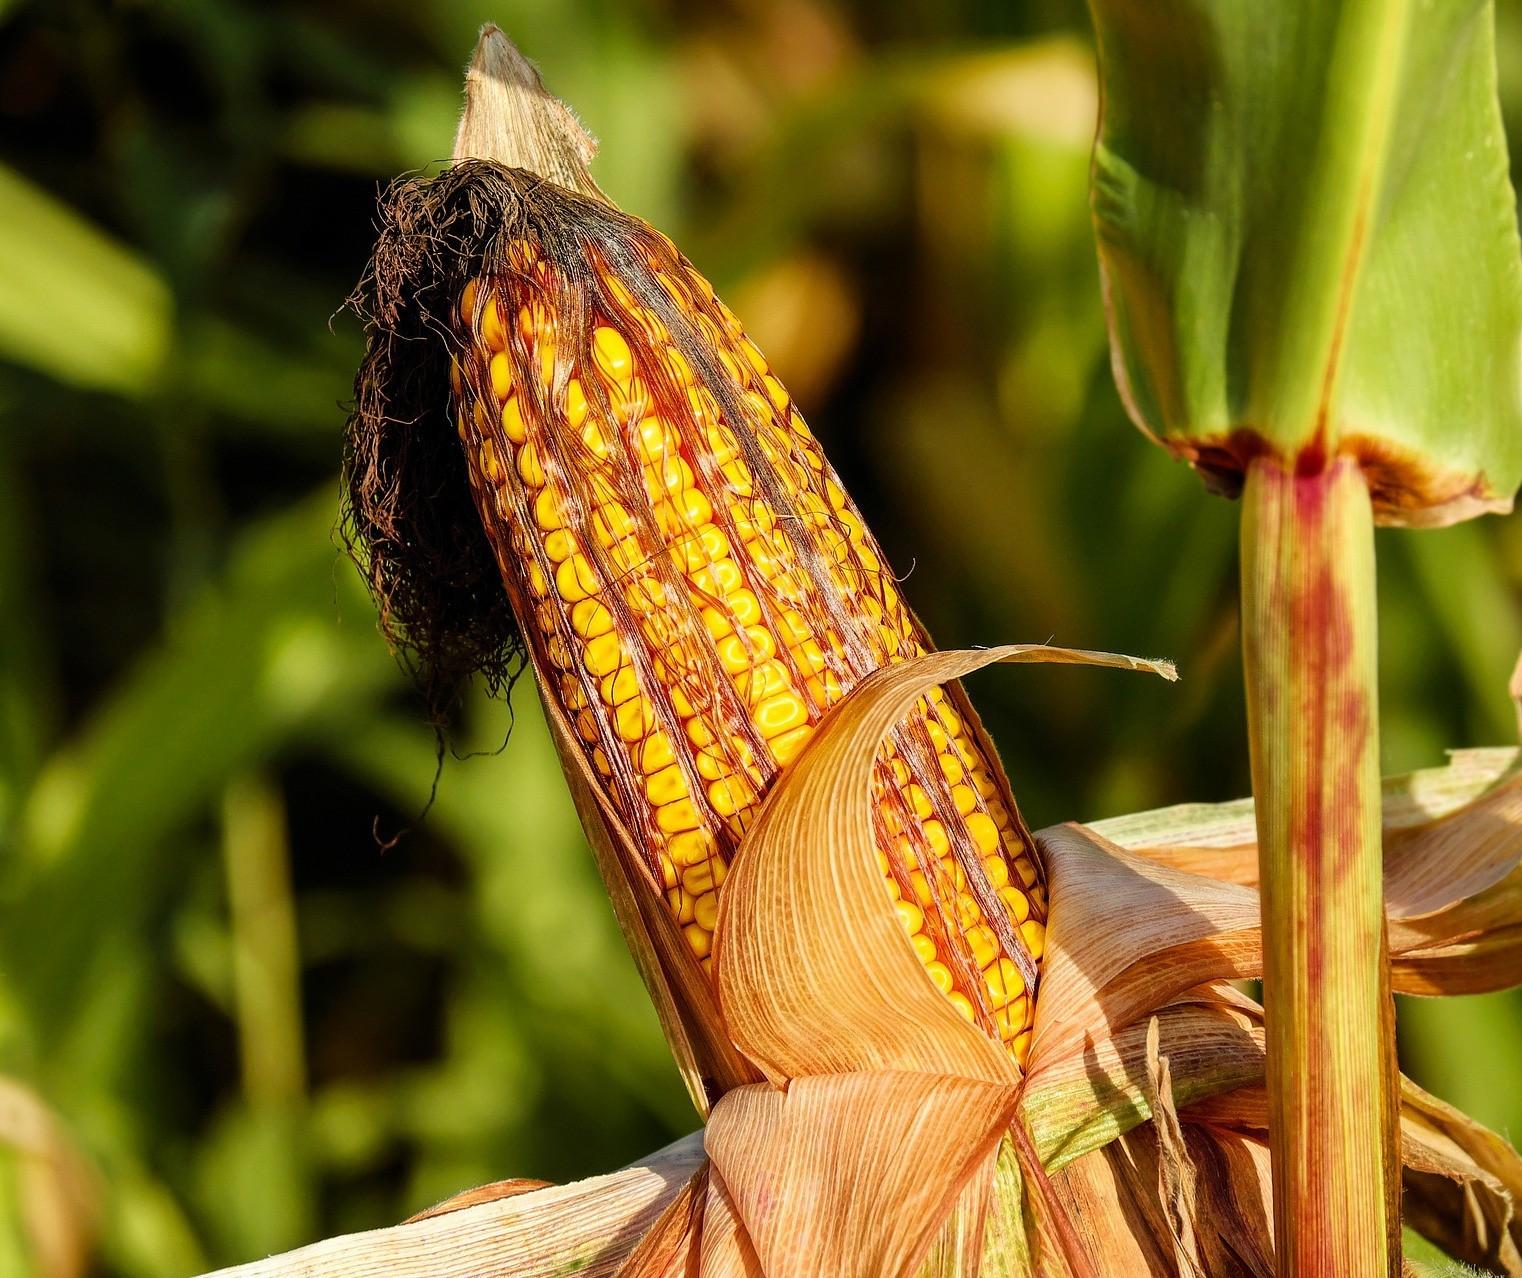 Colheita de milho 2ª safra avança pouco no Paraná; chuvas afetam algumas lavouras